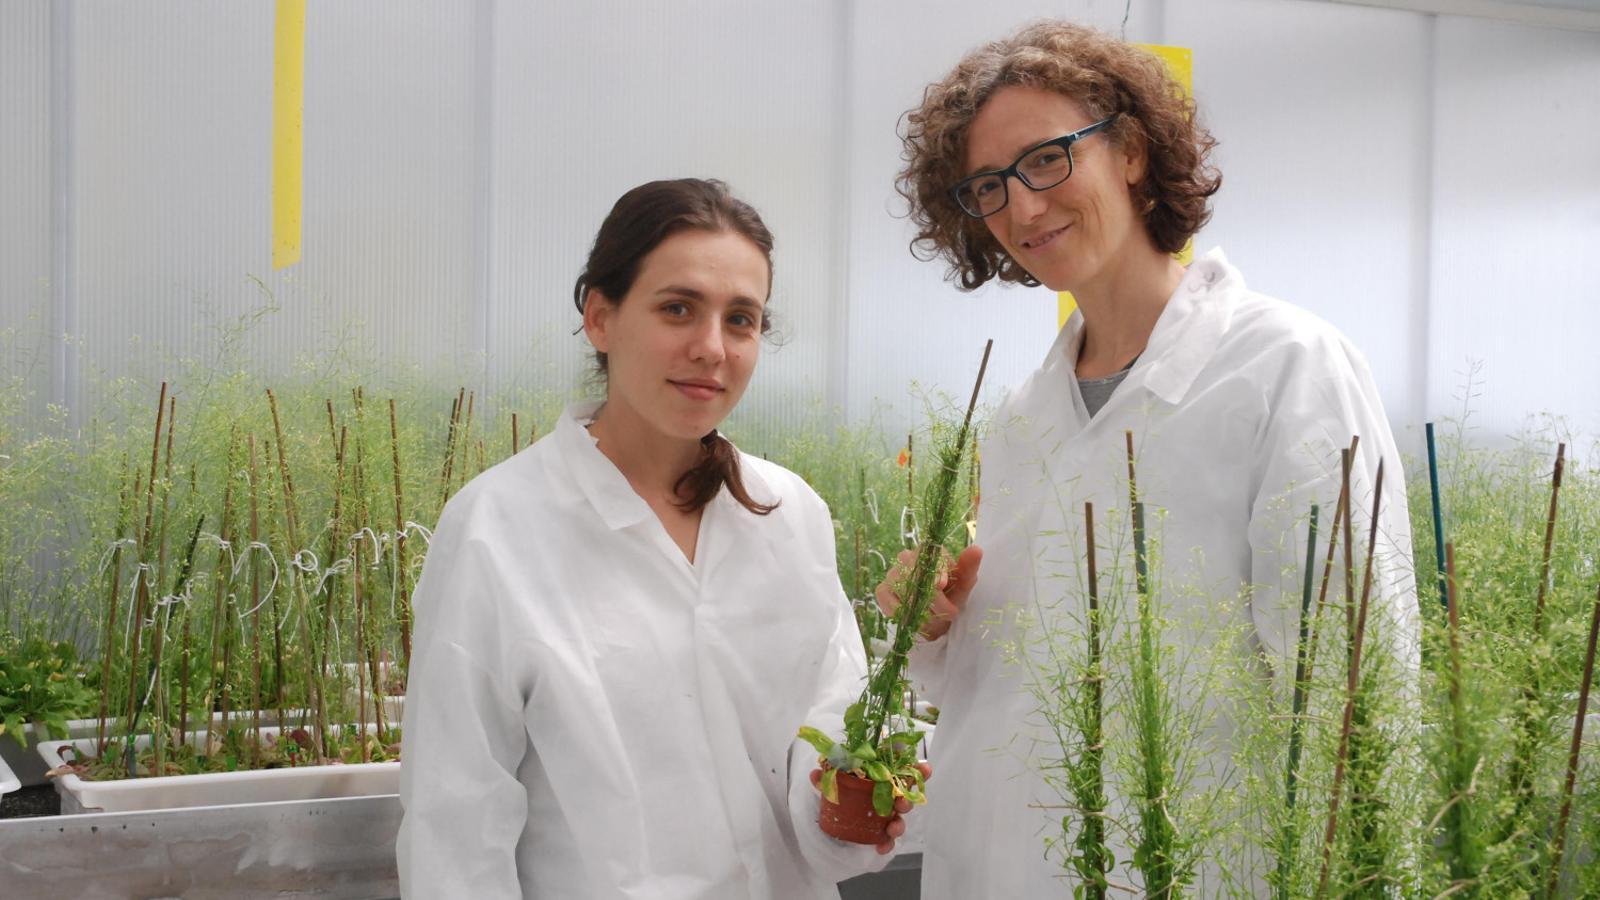 Les investigadores Guiomar Martín i Elena Monte, del Centre de Recerca en Agrigenòmica